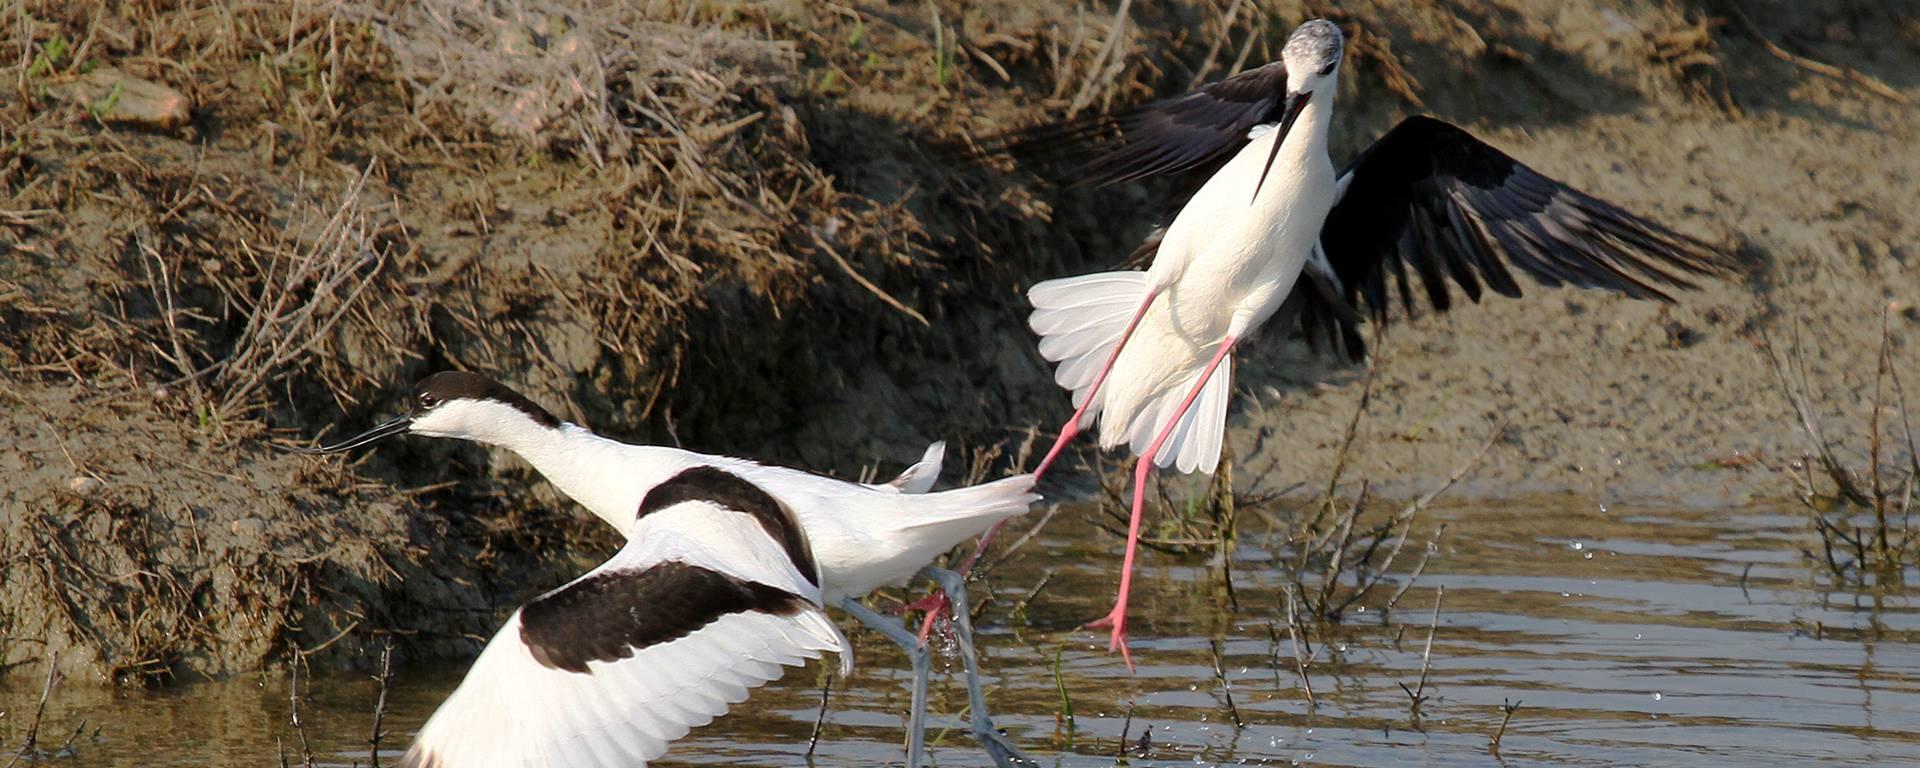 Oiseaux dans les marais ©François Blanchard